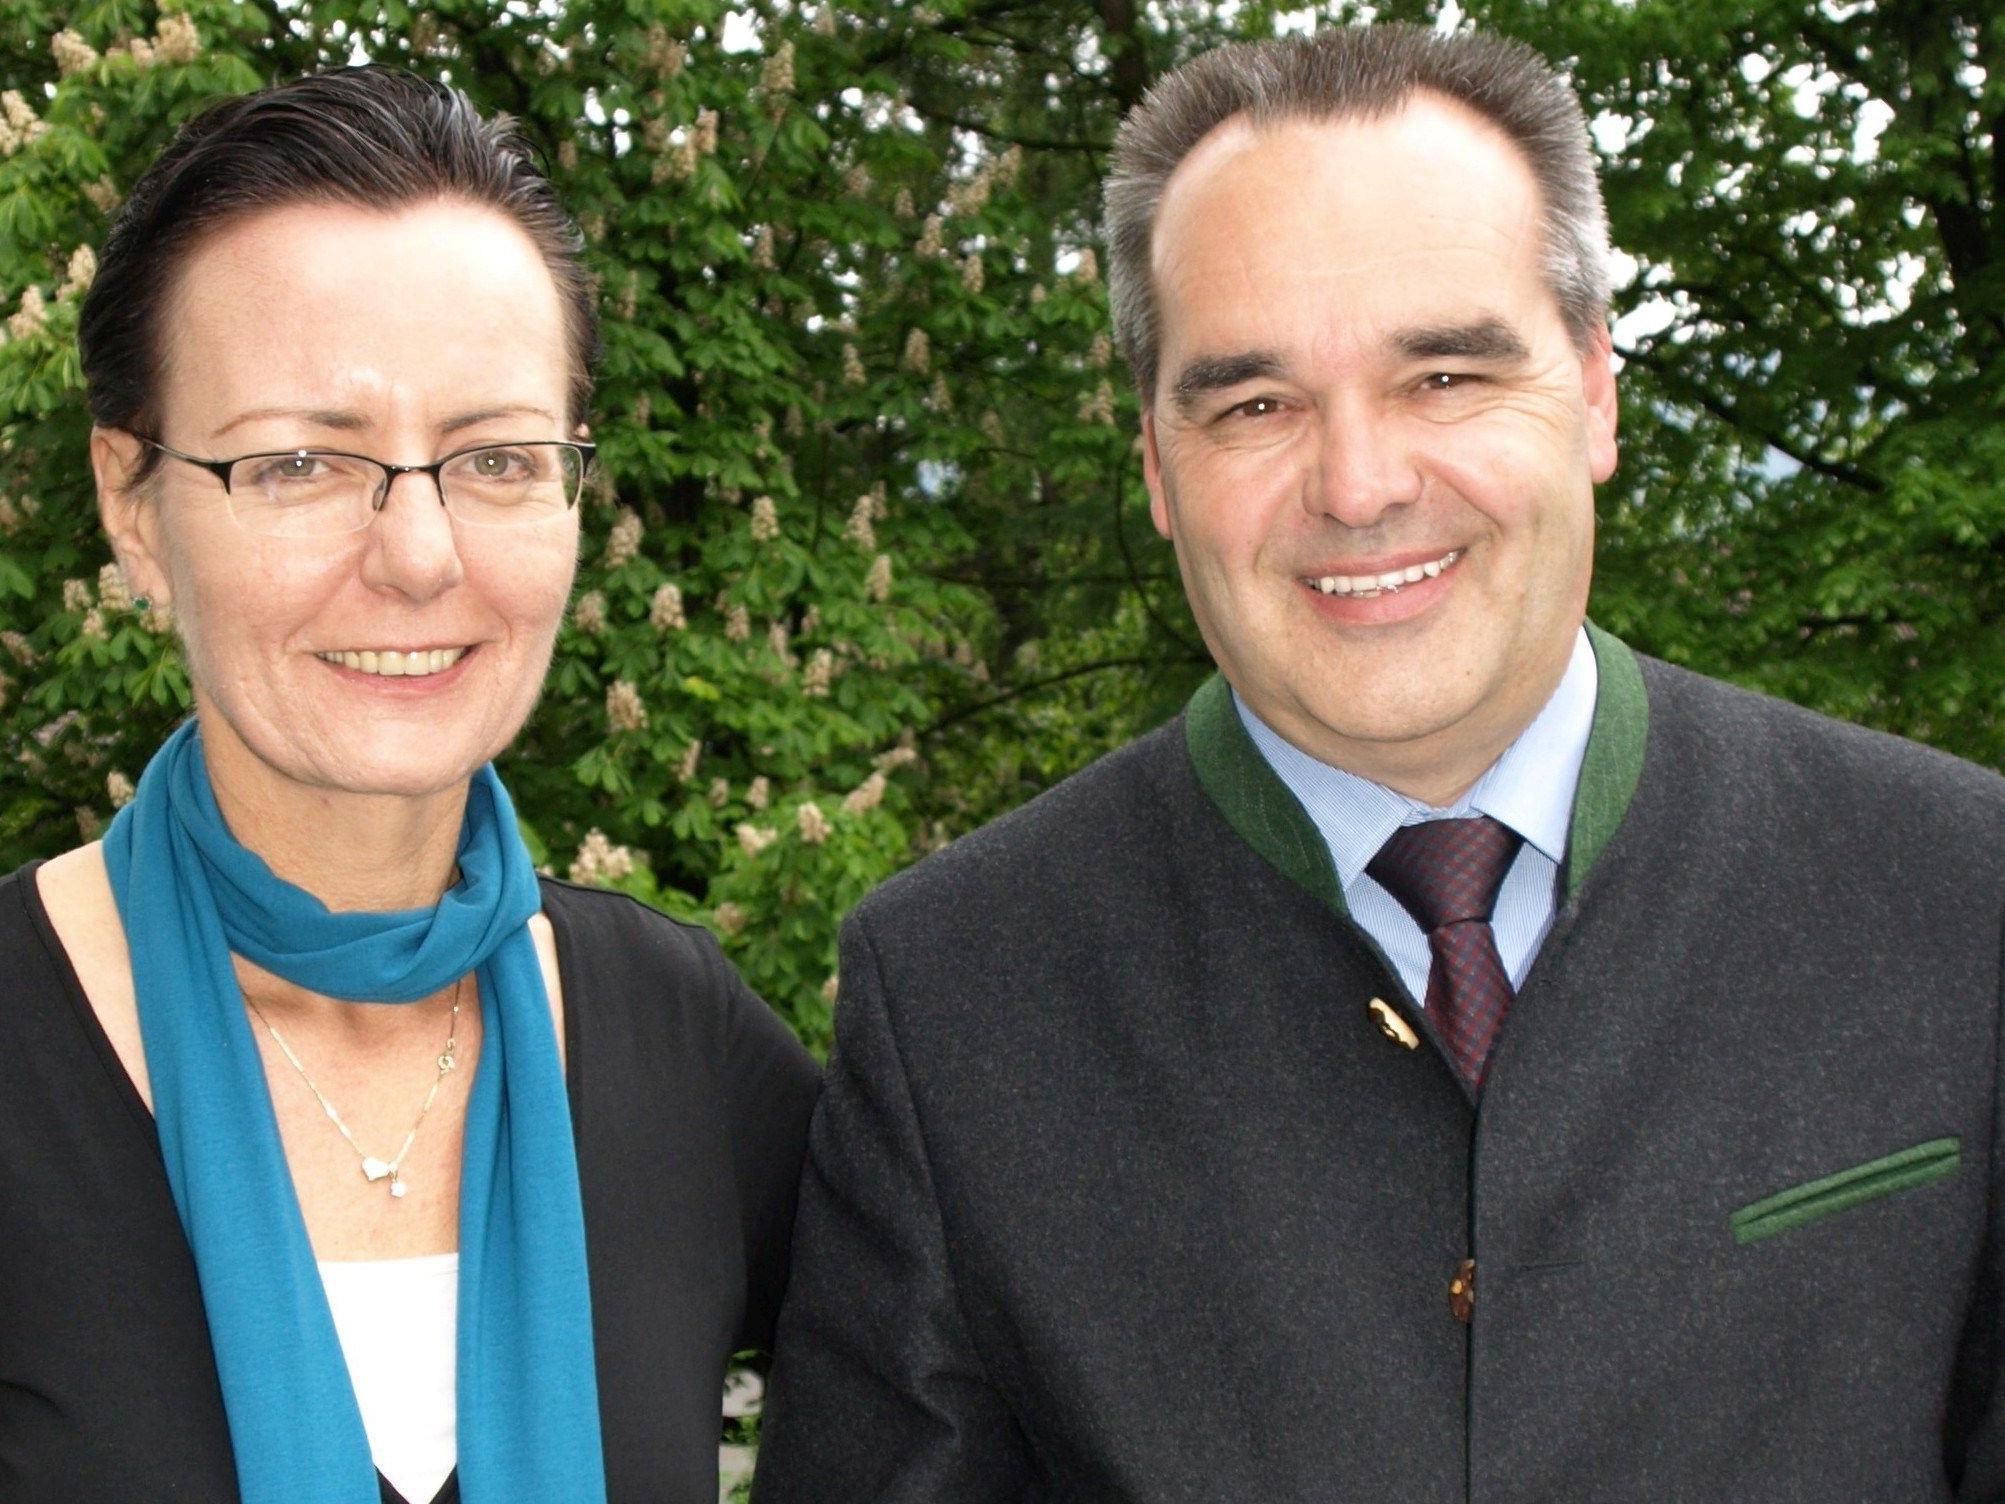 Geschäftsführerin Herlinde Moosbrugger und Tourismuschef Helmut Blank